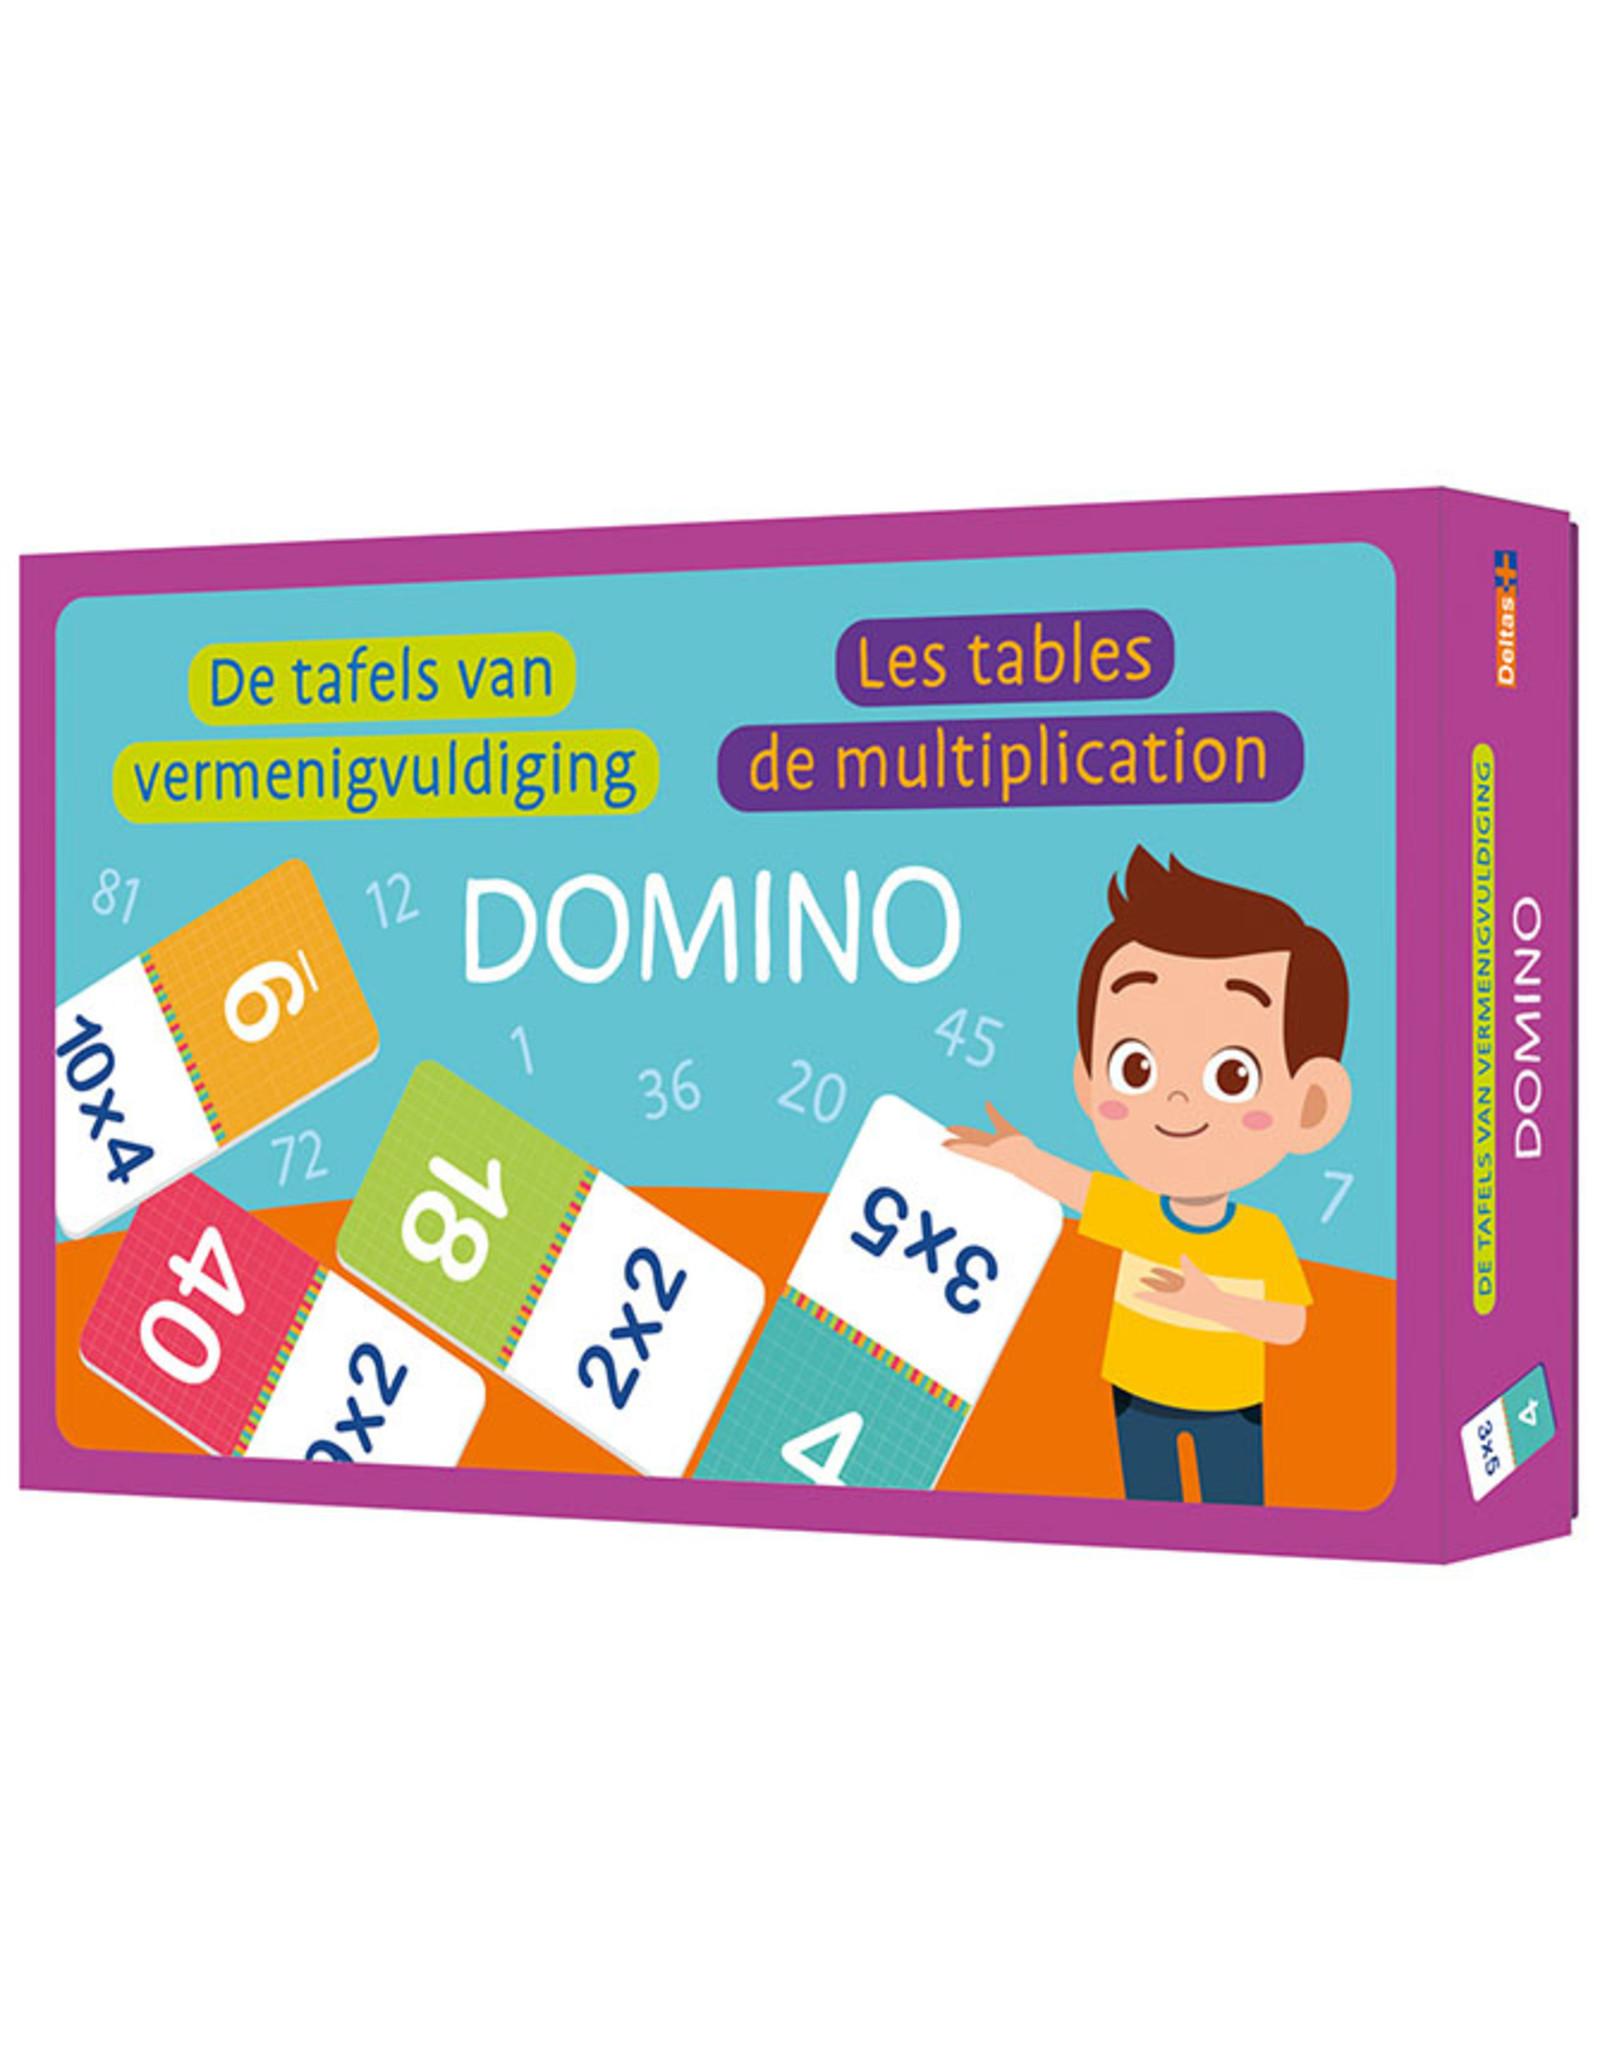 Deltas Domino - De tafels van vermenigvuldiging